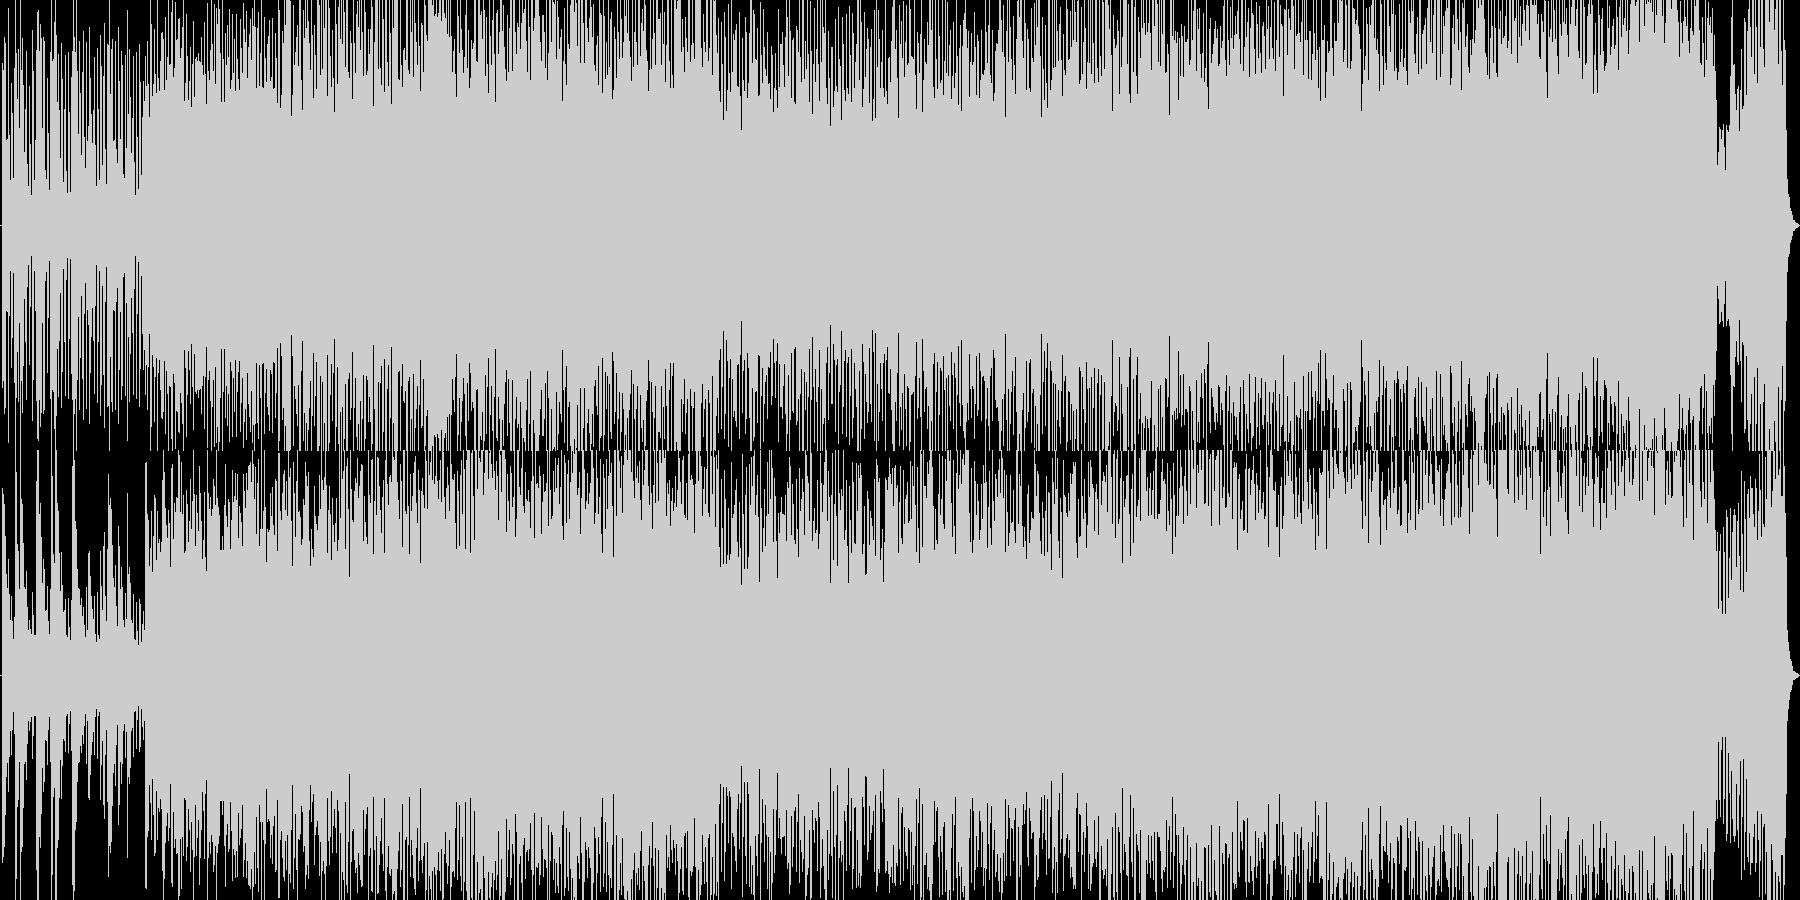 スピード感のあるオーケストラの未再生の波形